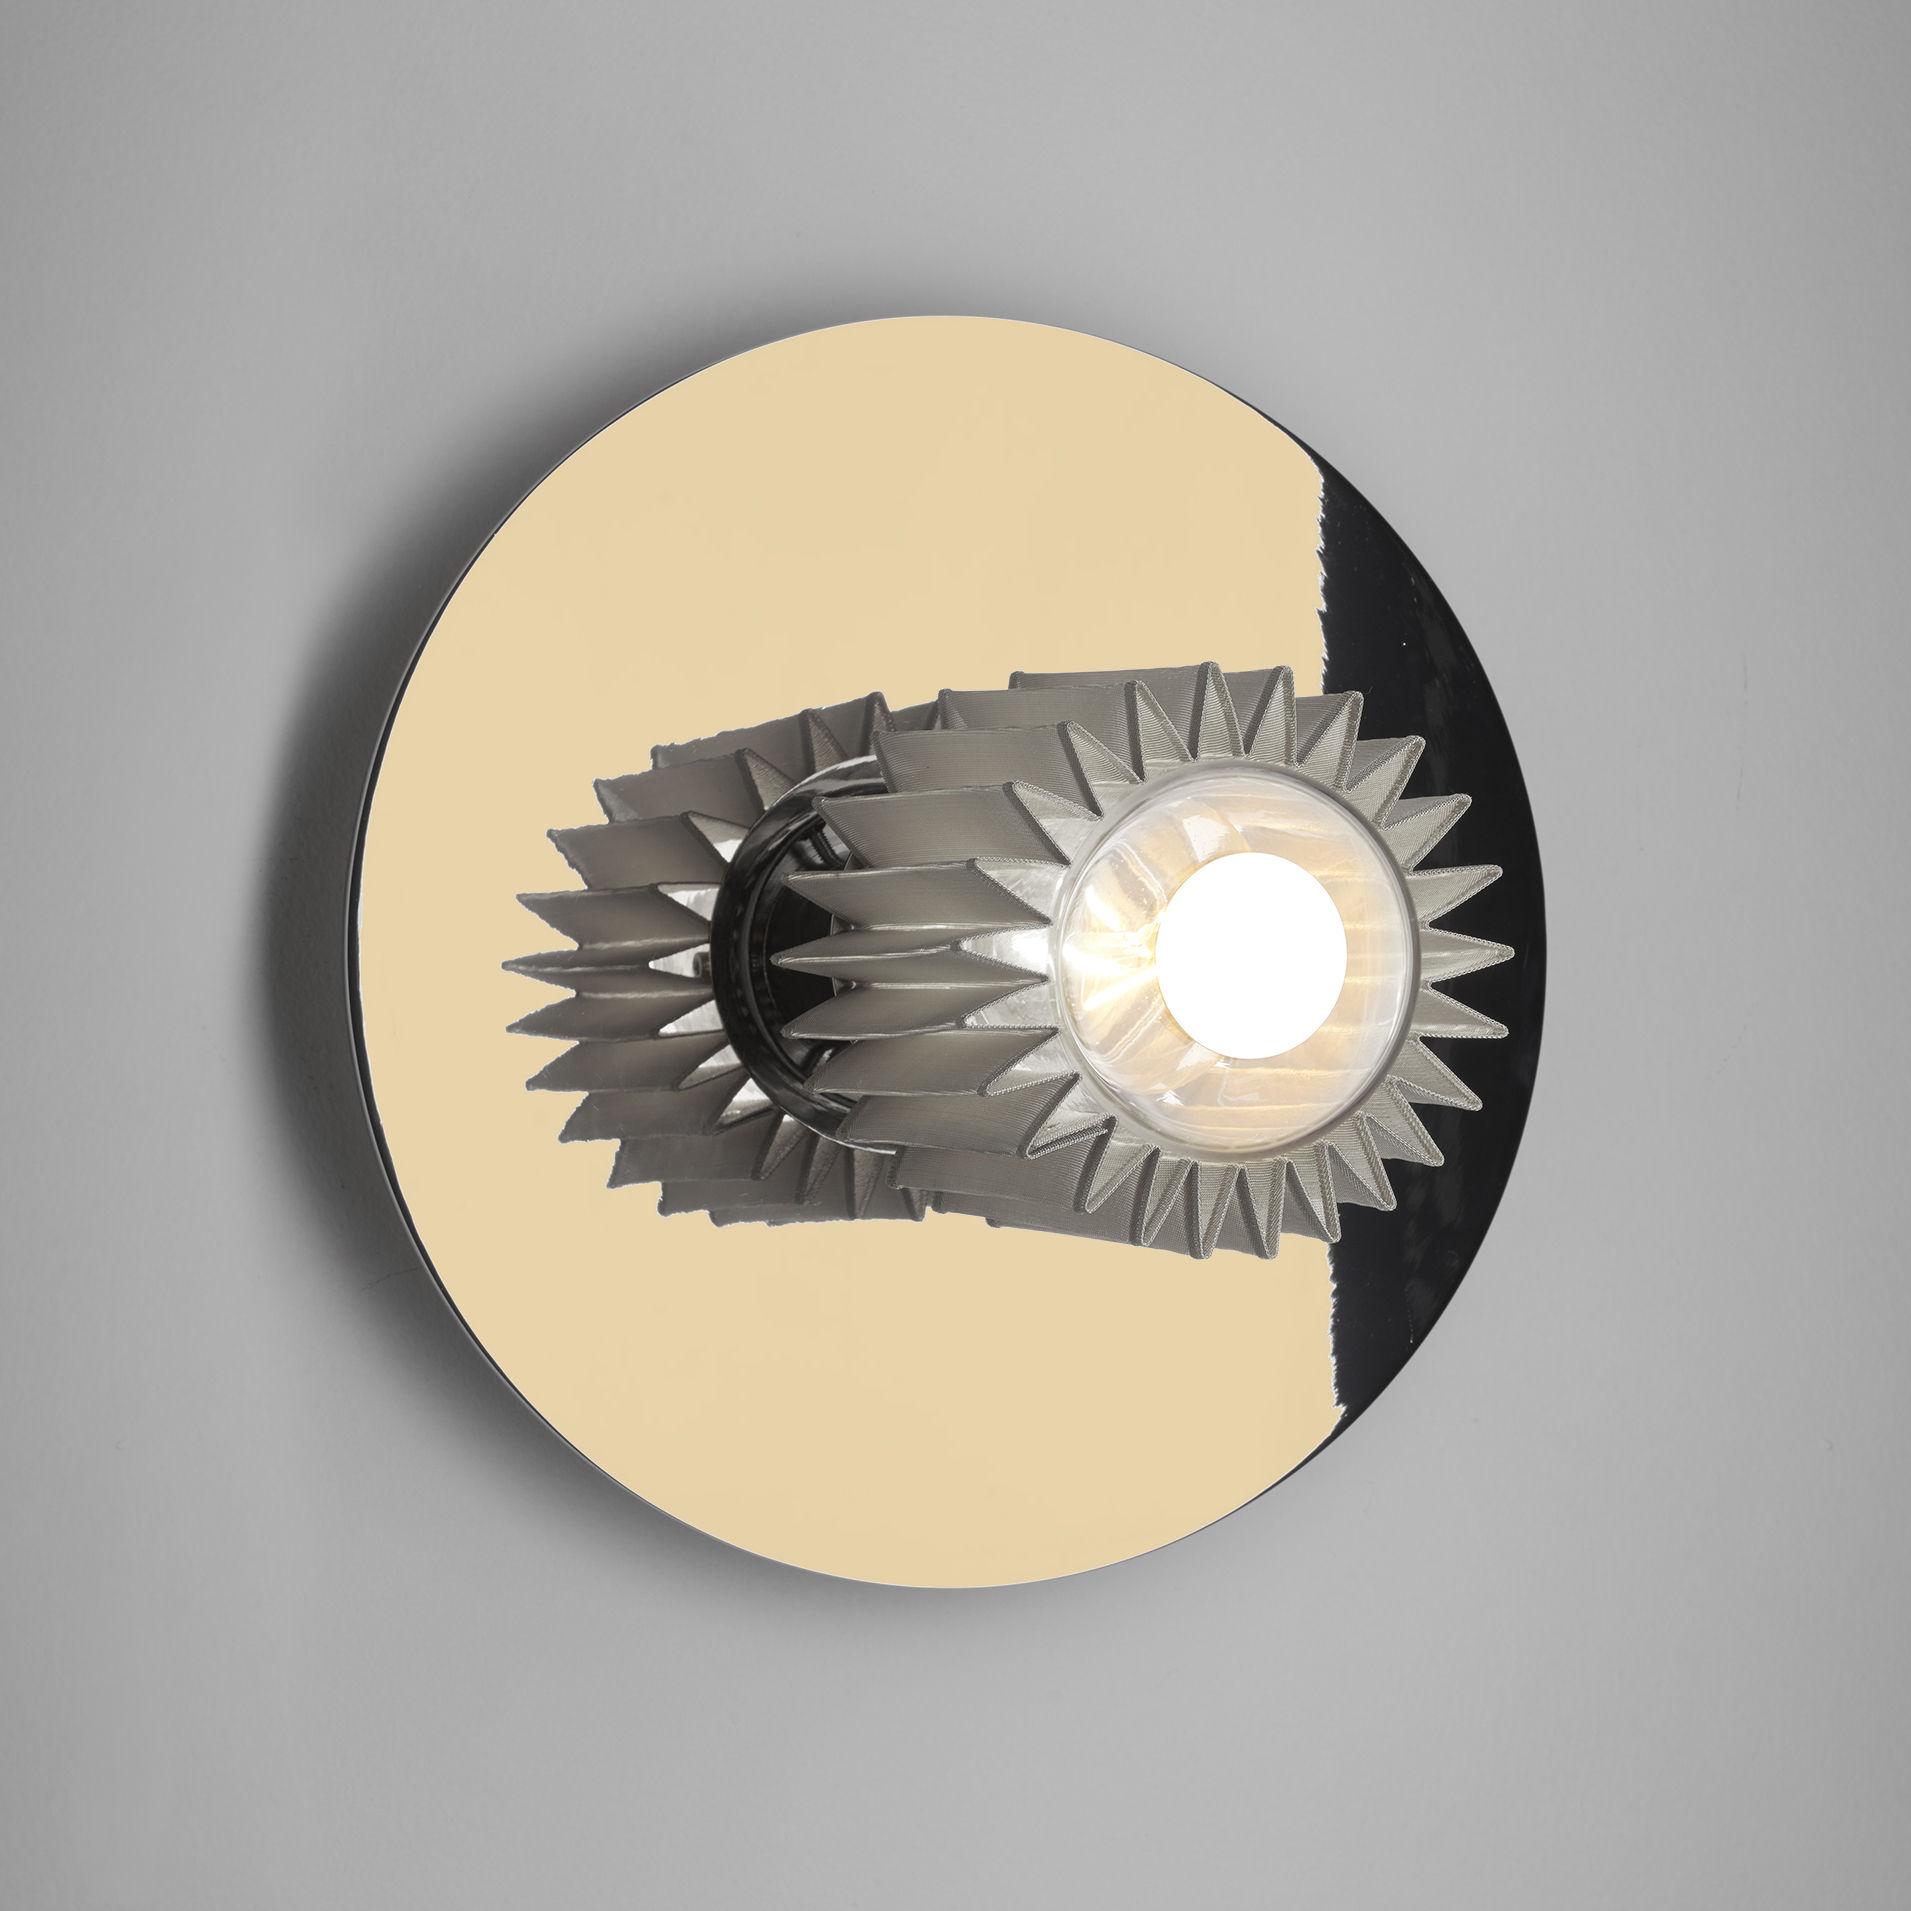 Luminaire - Appliques - Applique In the sun Medium / Plafonnier - Ø 27 cm - DCW éditions - Doré / Maille argent - Acier, Aluminium, Verre